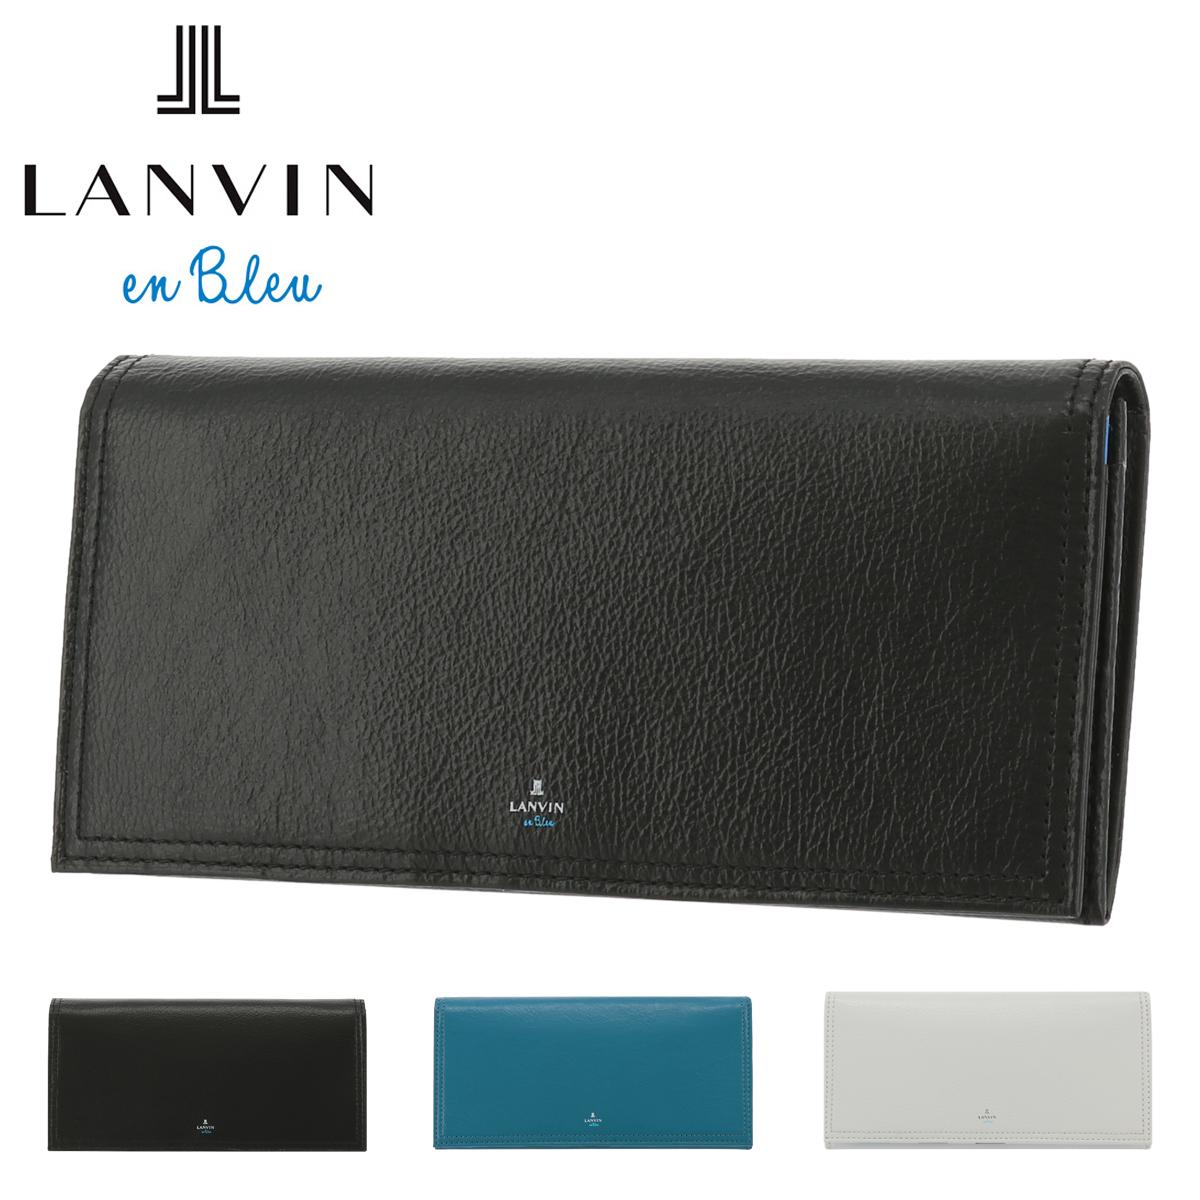 ランバンオンブルー 長財布 プリズナー メンズ 558615 LANVIN en Bleu | 牛革 本革 レザー [PO10]